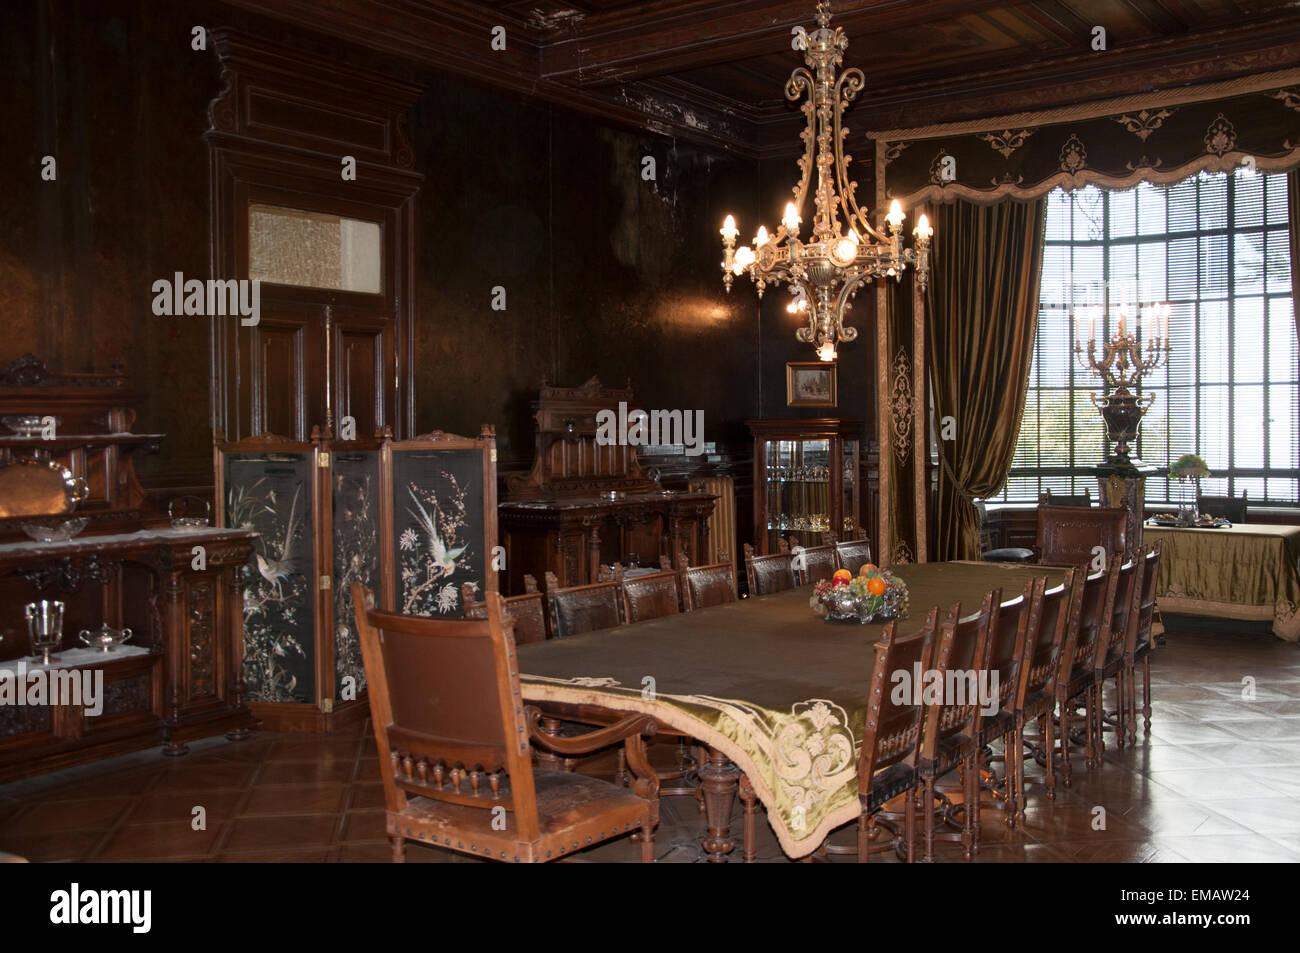 dining room of the braun-menendez mansion, magallanes regional